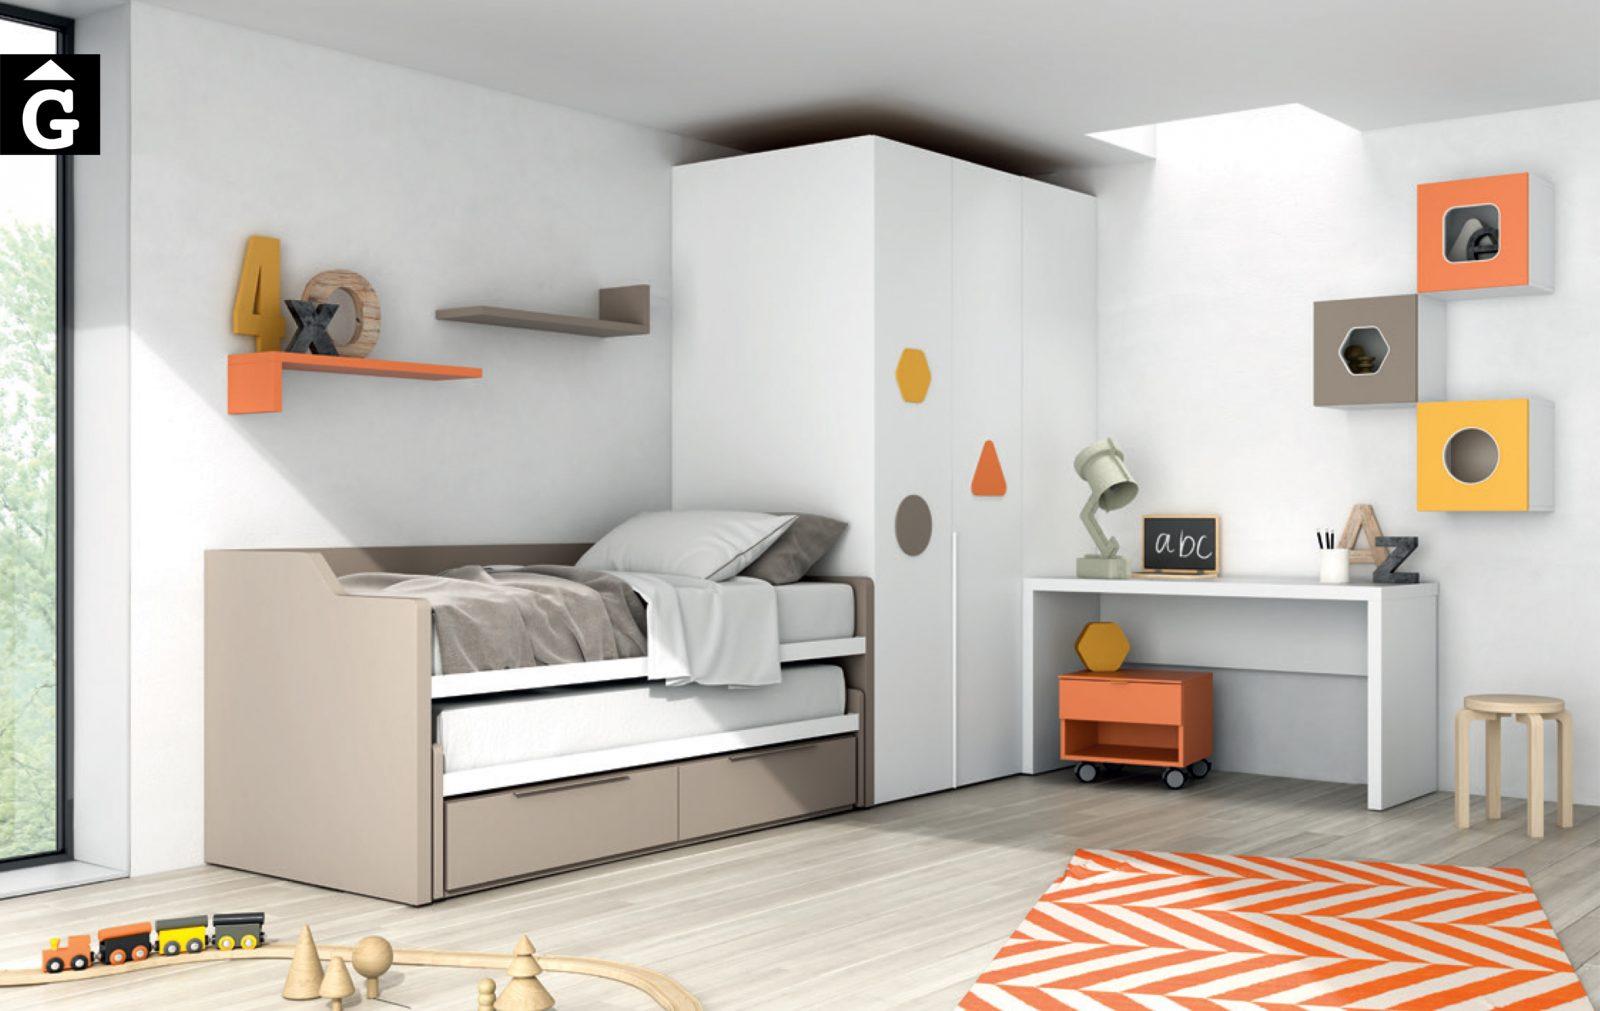 39 0 QB Tegar by Mobles GIFREU Girona modern minim elegant atemporal